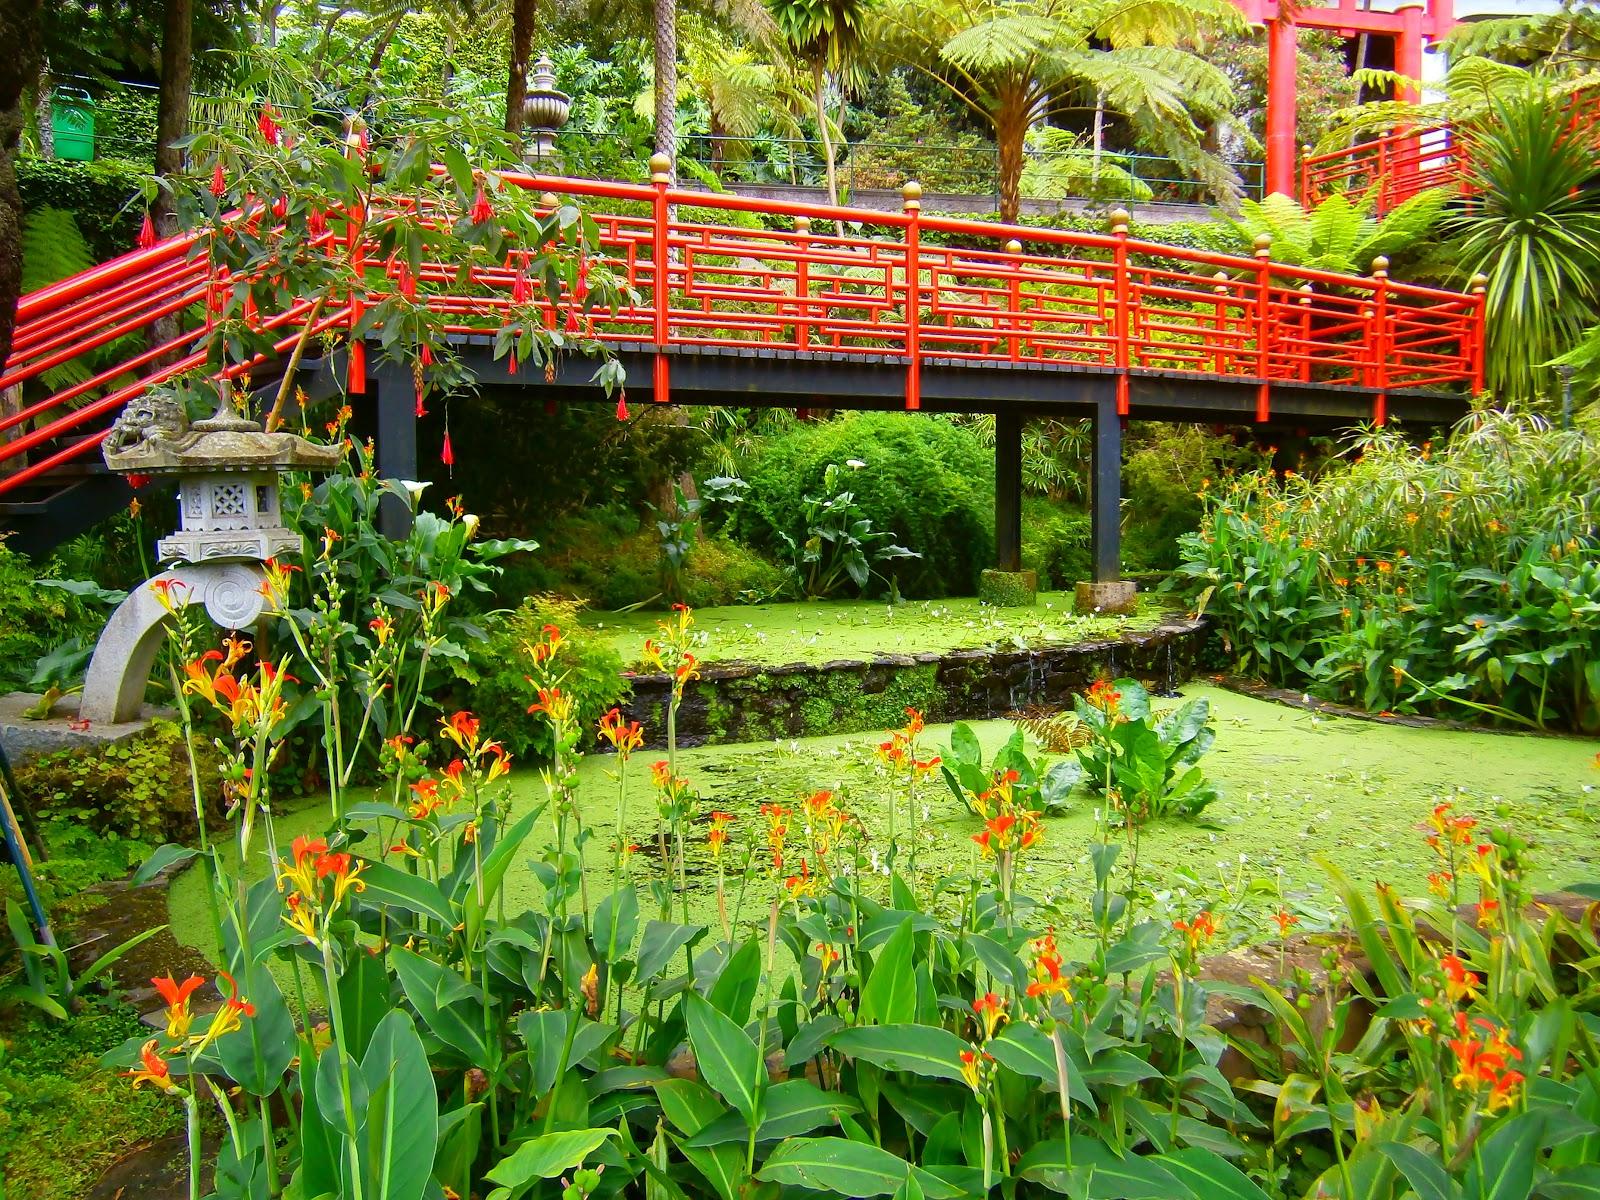 plantas jardim tropical:Madeira Jardim Tropical